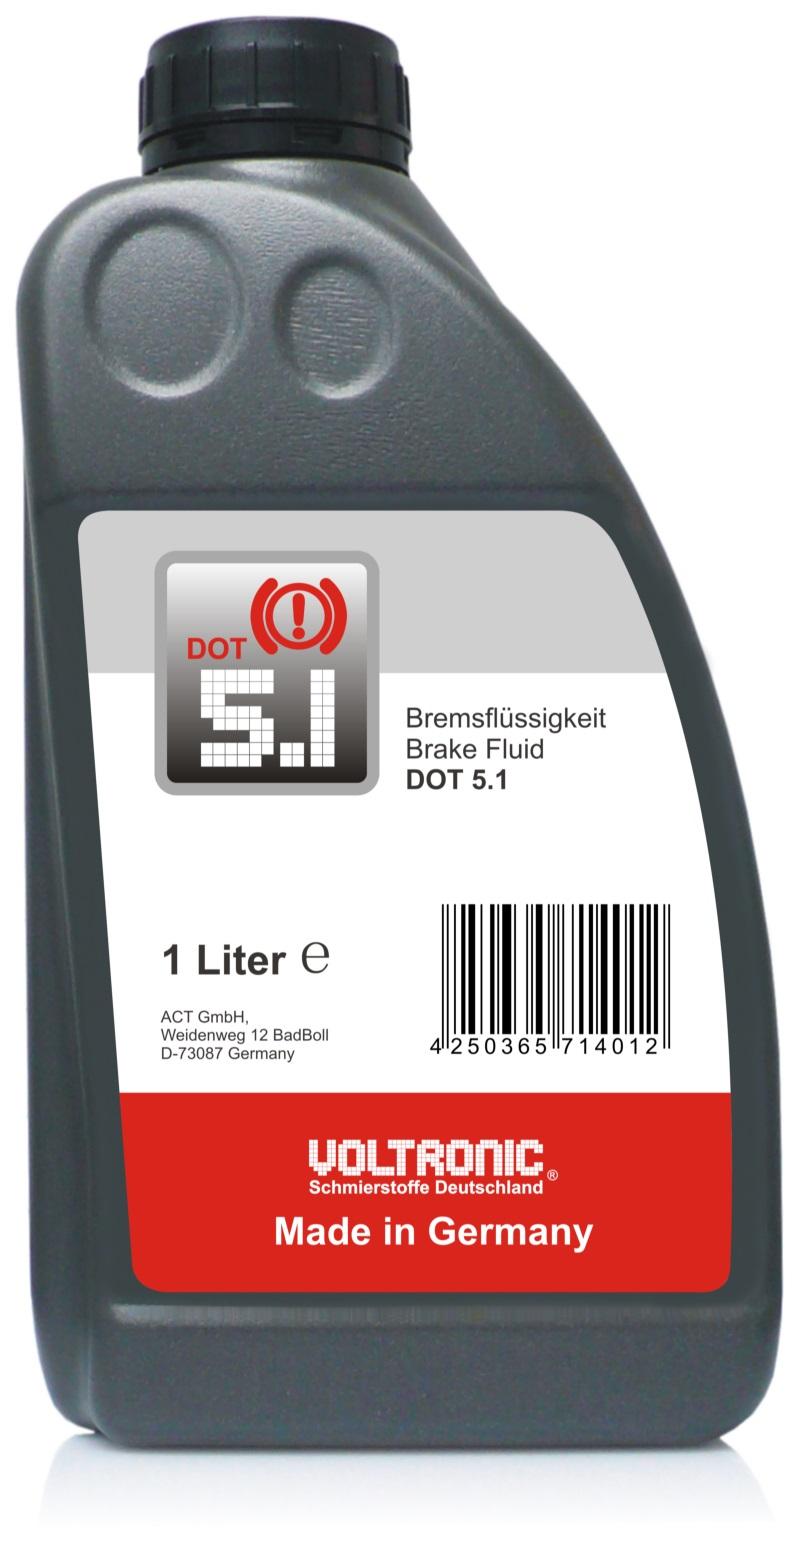 Dot 5 1 Brake Fluid >> VOLTRONIC® Brake Fluid DOT 5.1   Lubricant, Motor oil ...